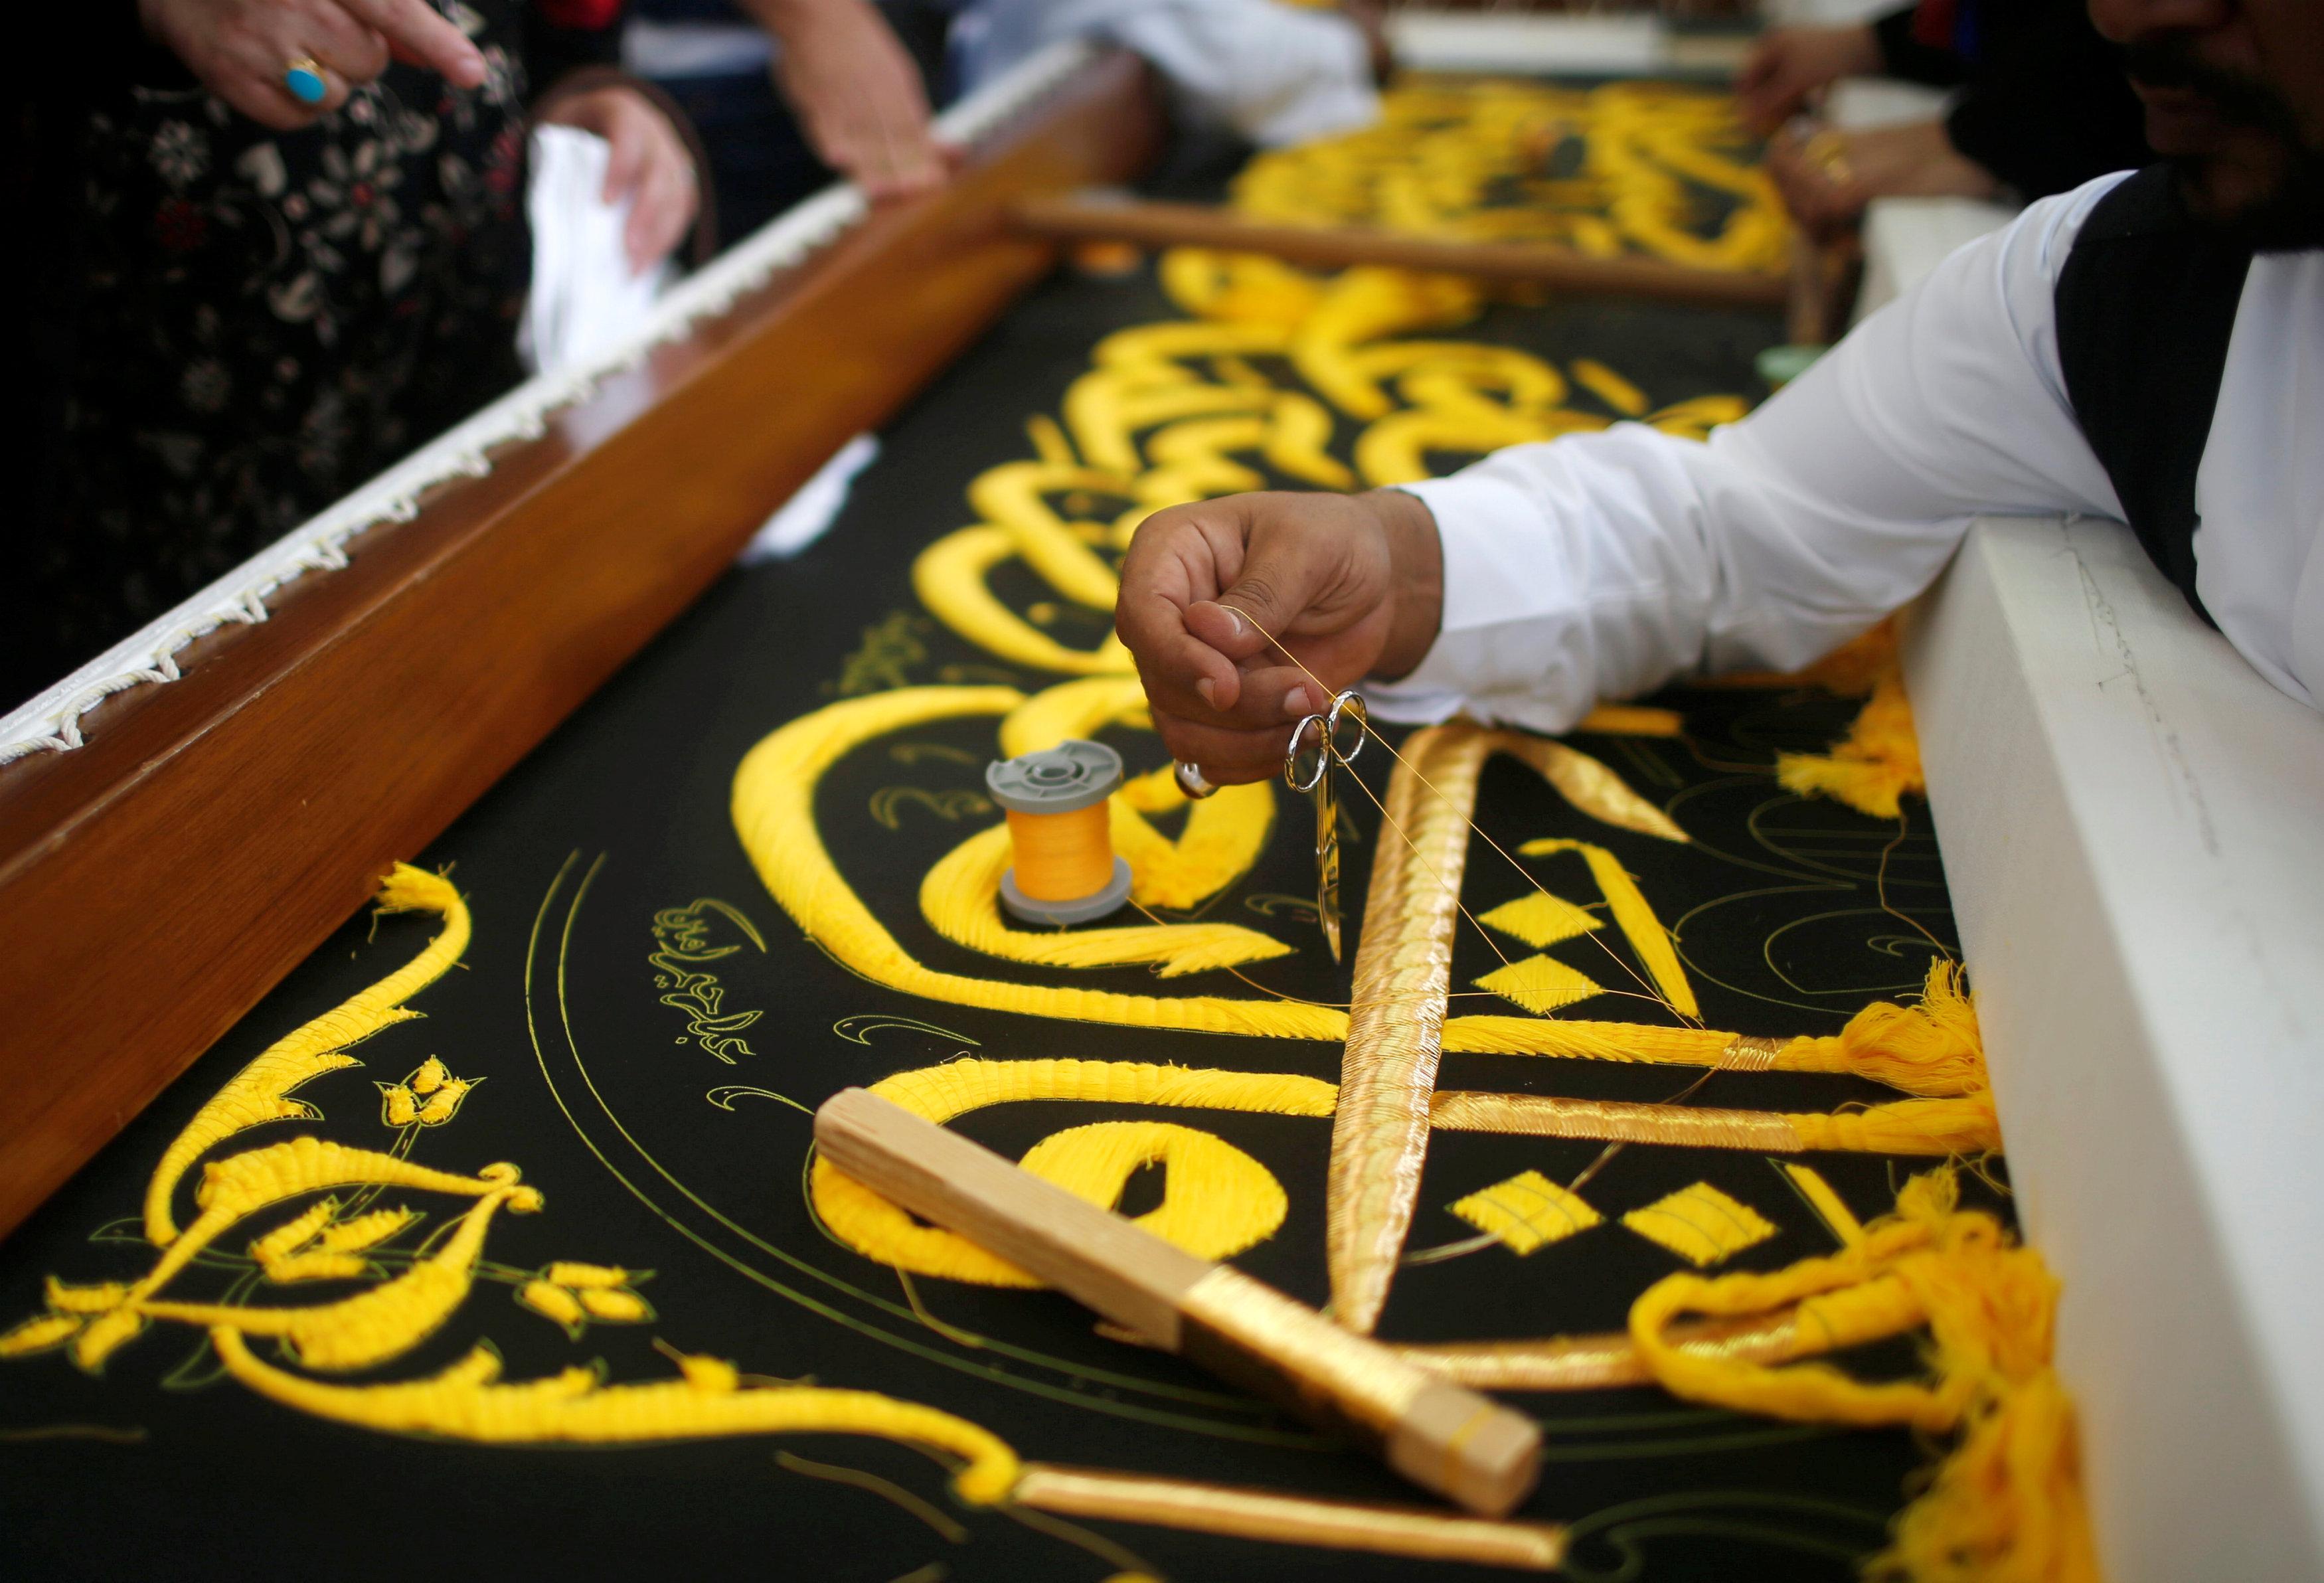 السعودية تحافظ على صناعة كسوة الكعبة بجيل جديد من الصناع111